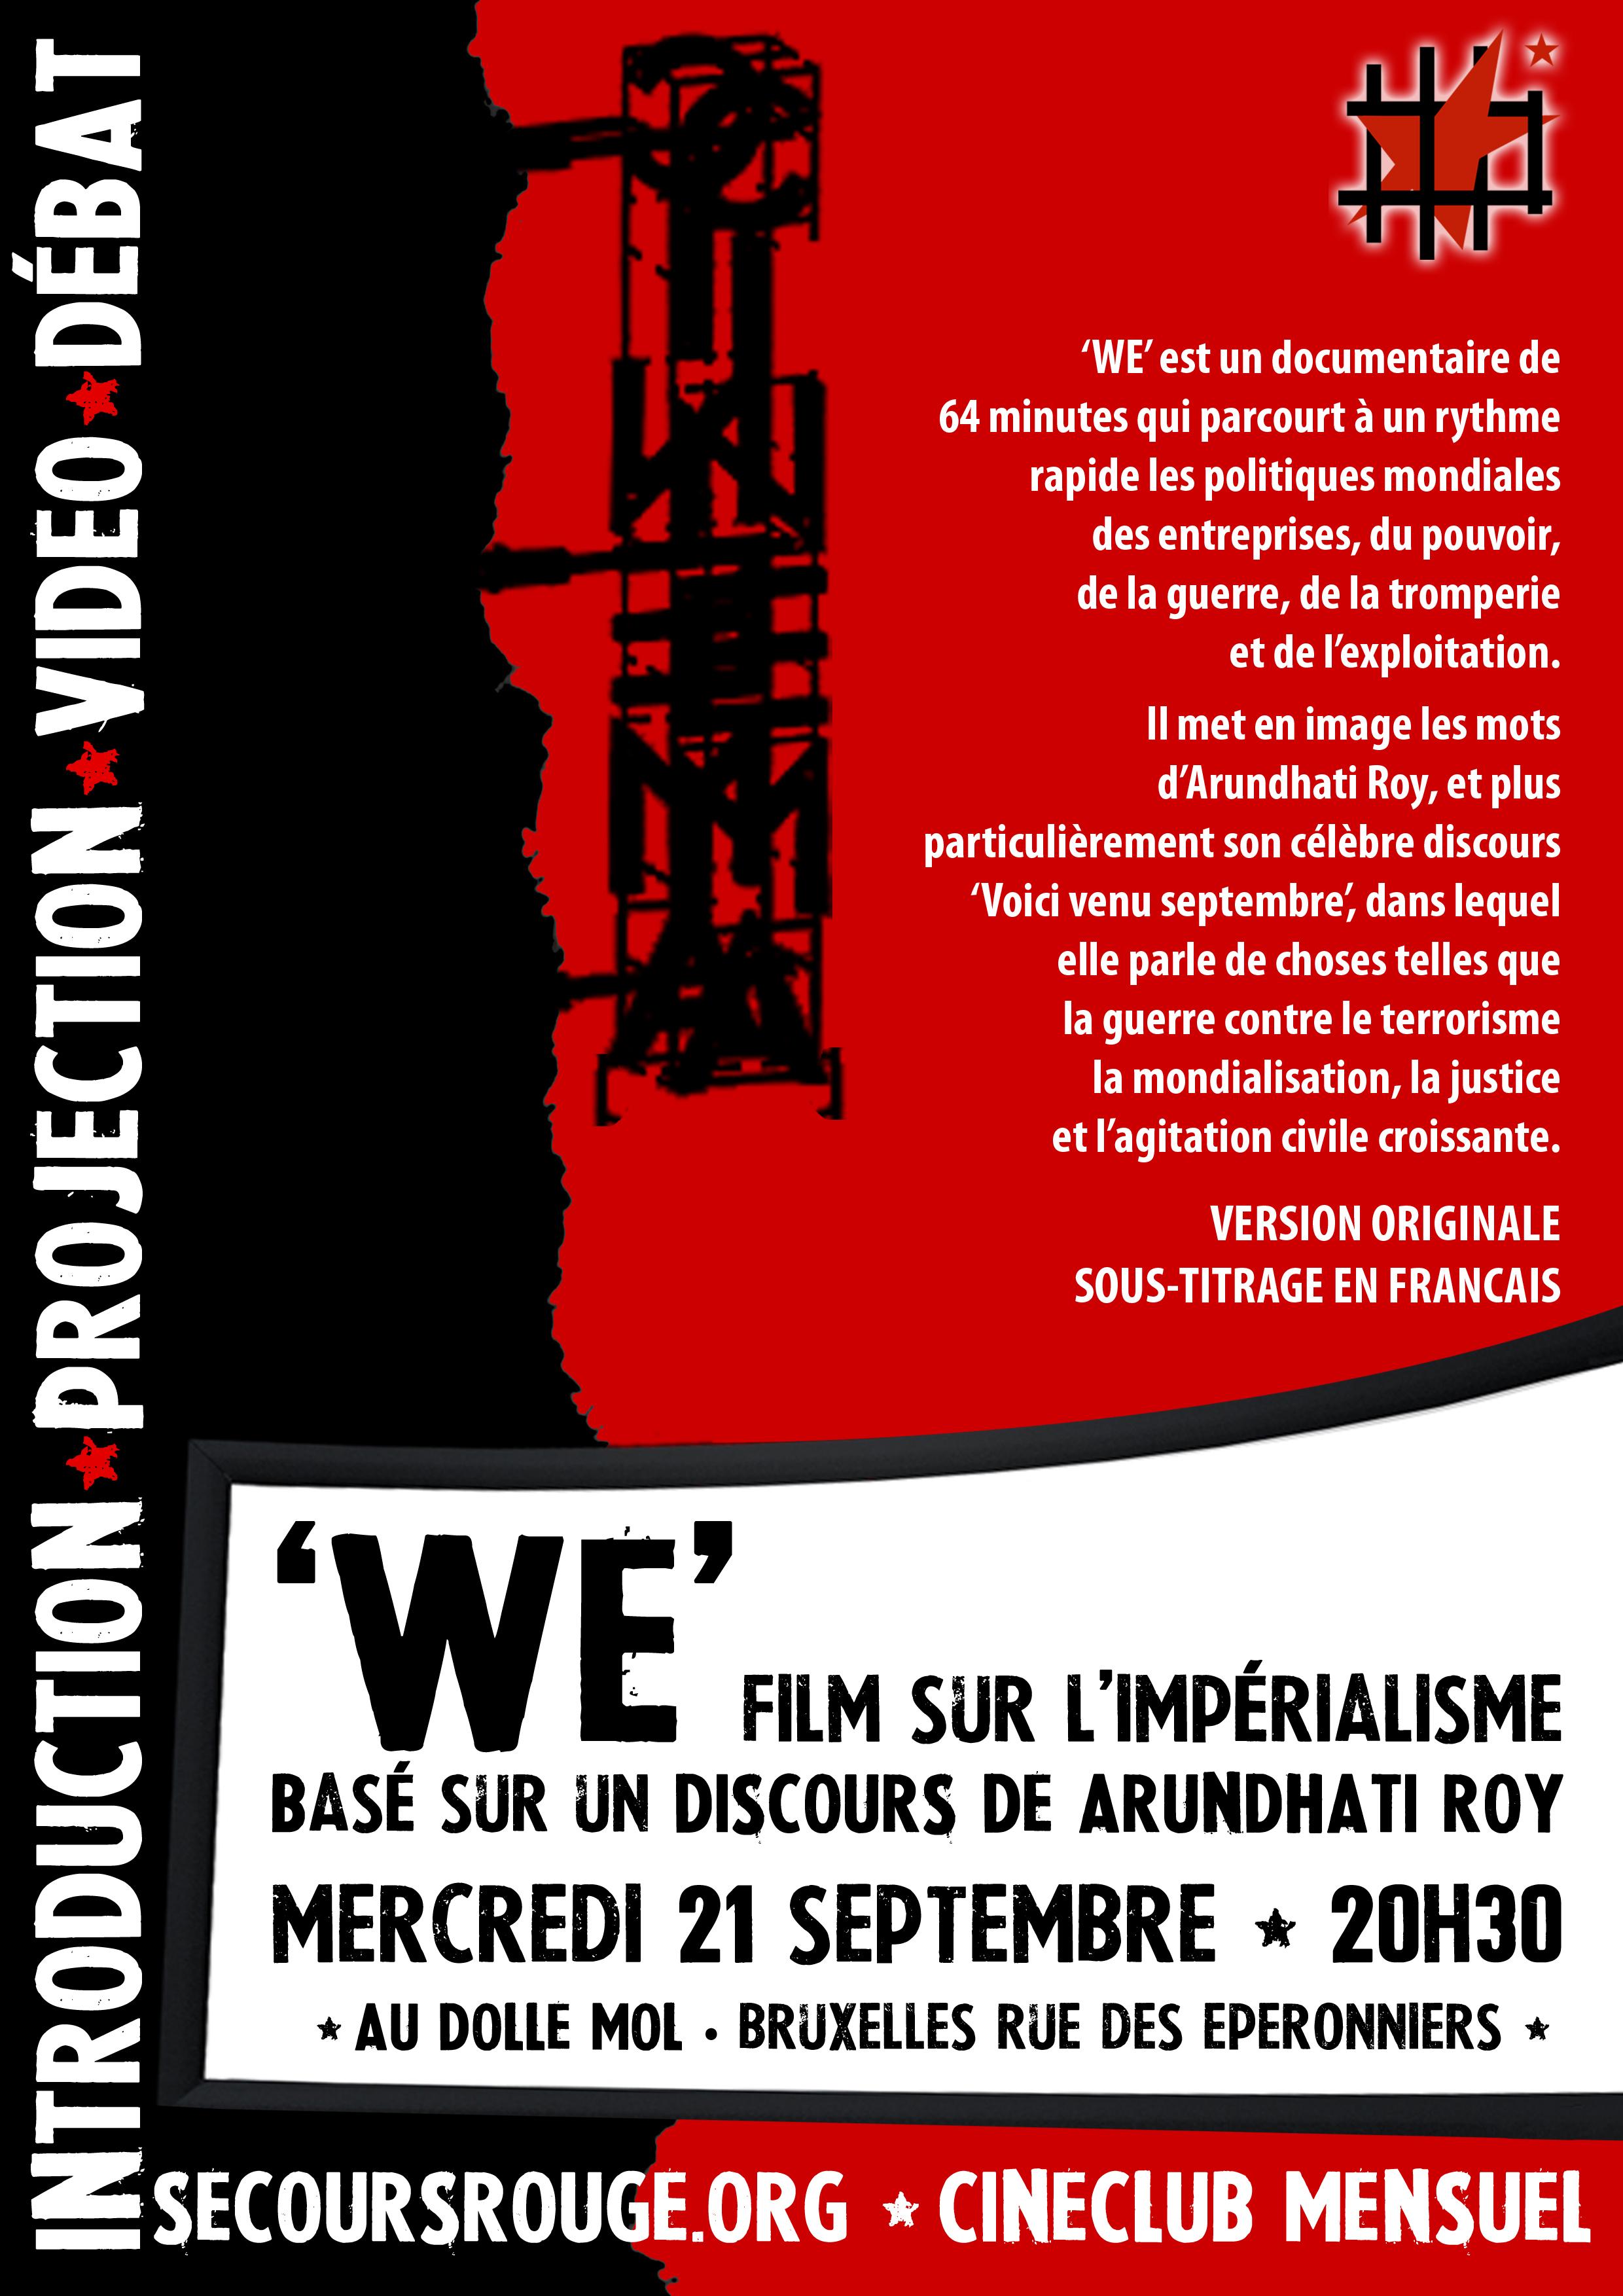 Affiche de la projection du documentaire 'We' d'Arundhati Roy - Septembre 2011